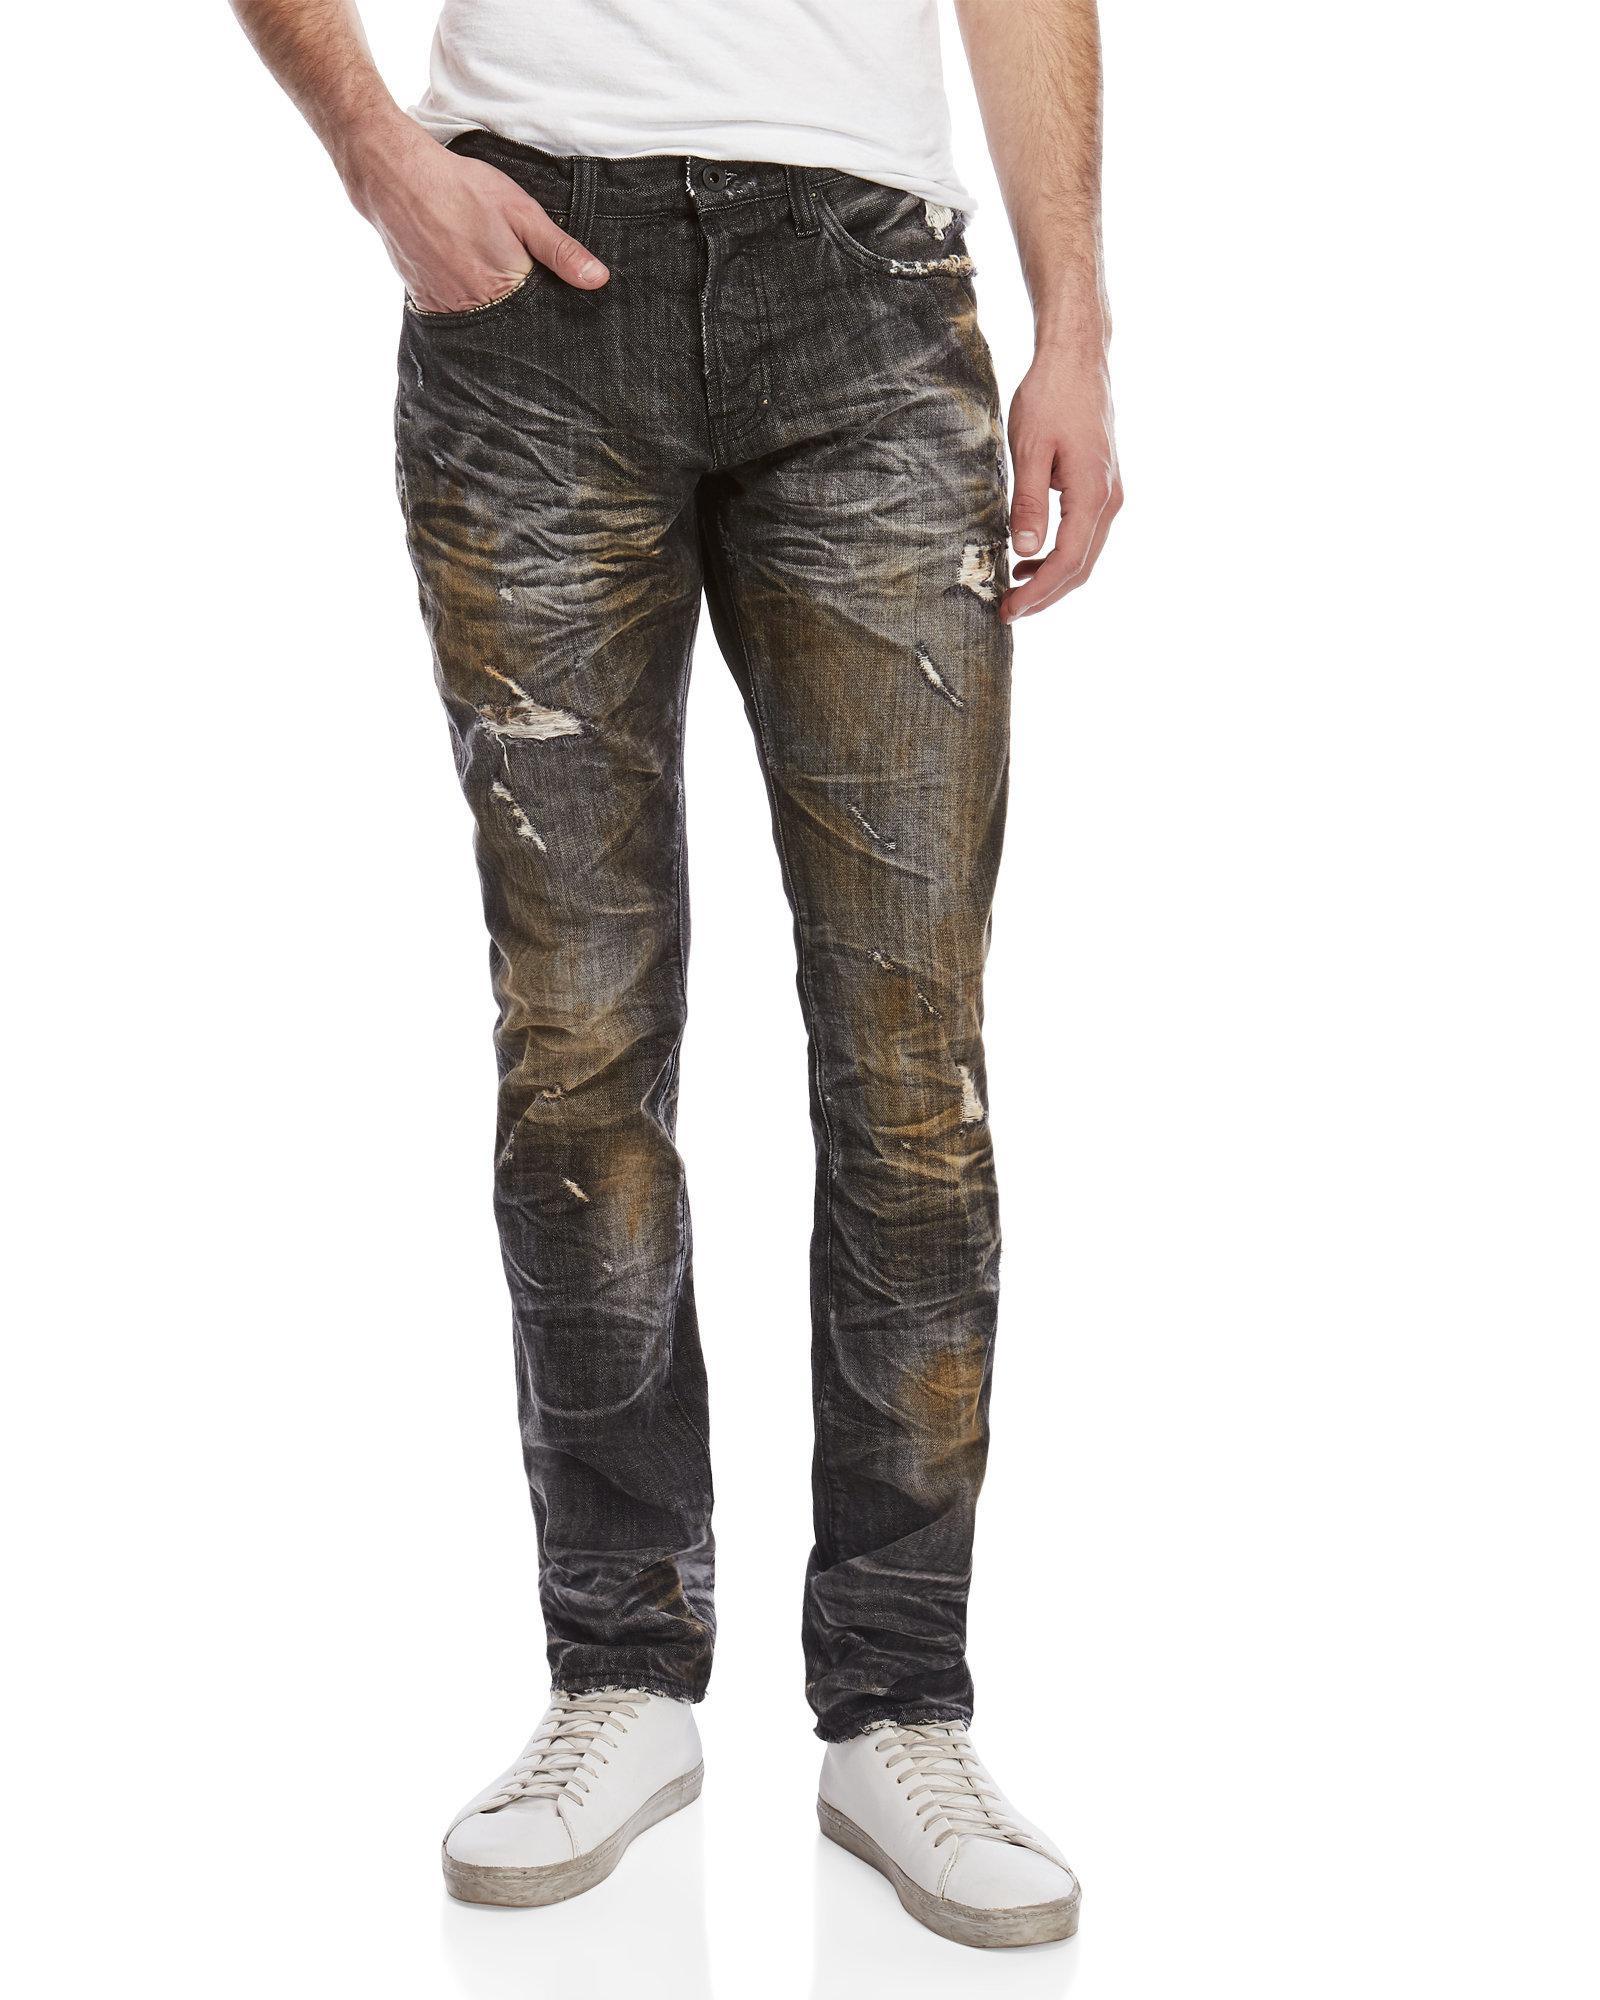 Lyst Prps Agreement Demon Slim Fit Jeans In Black For Men